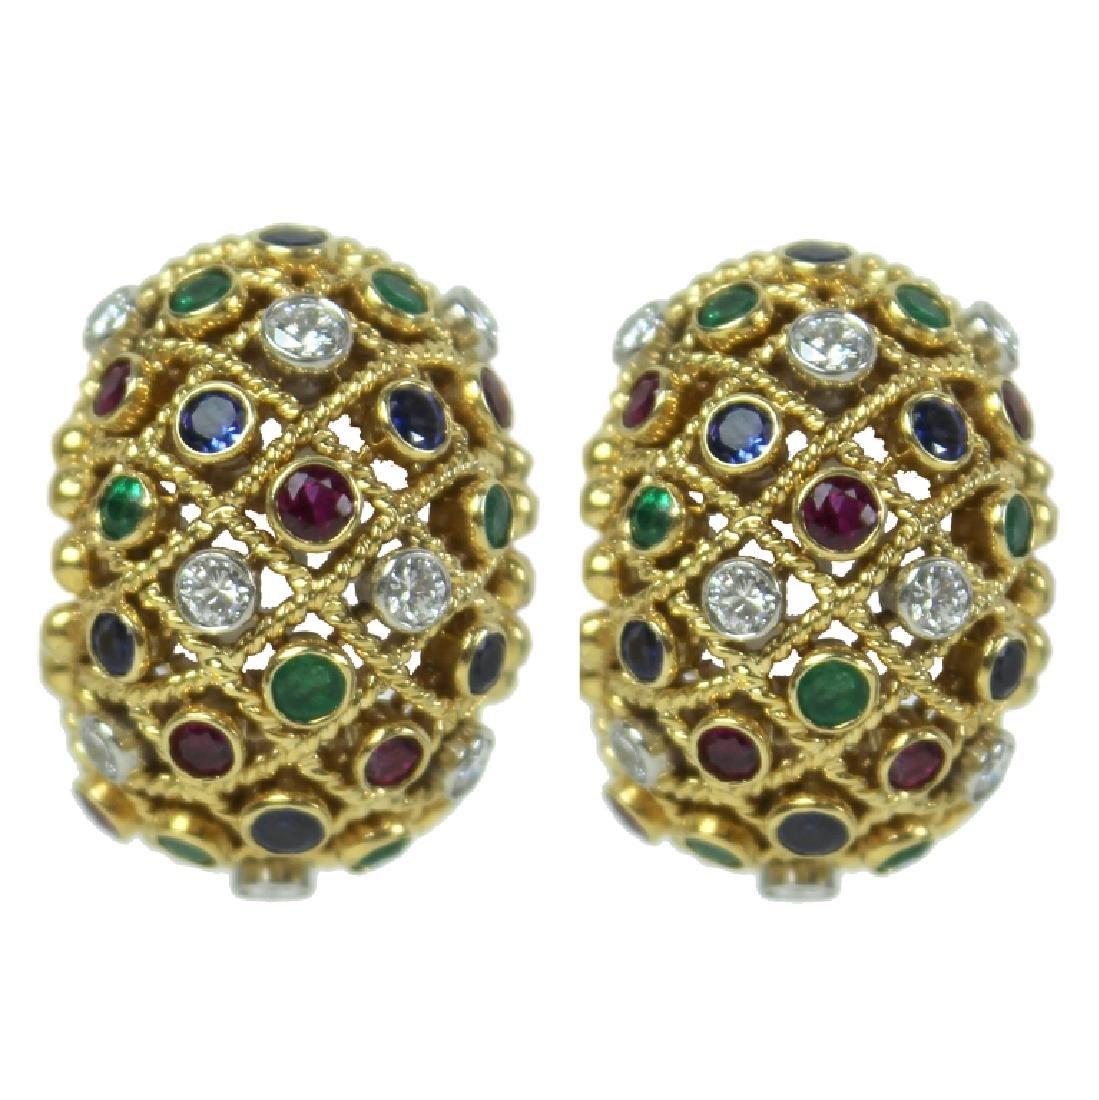 Van Cleef & Arpels Earrings.